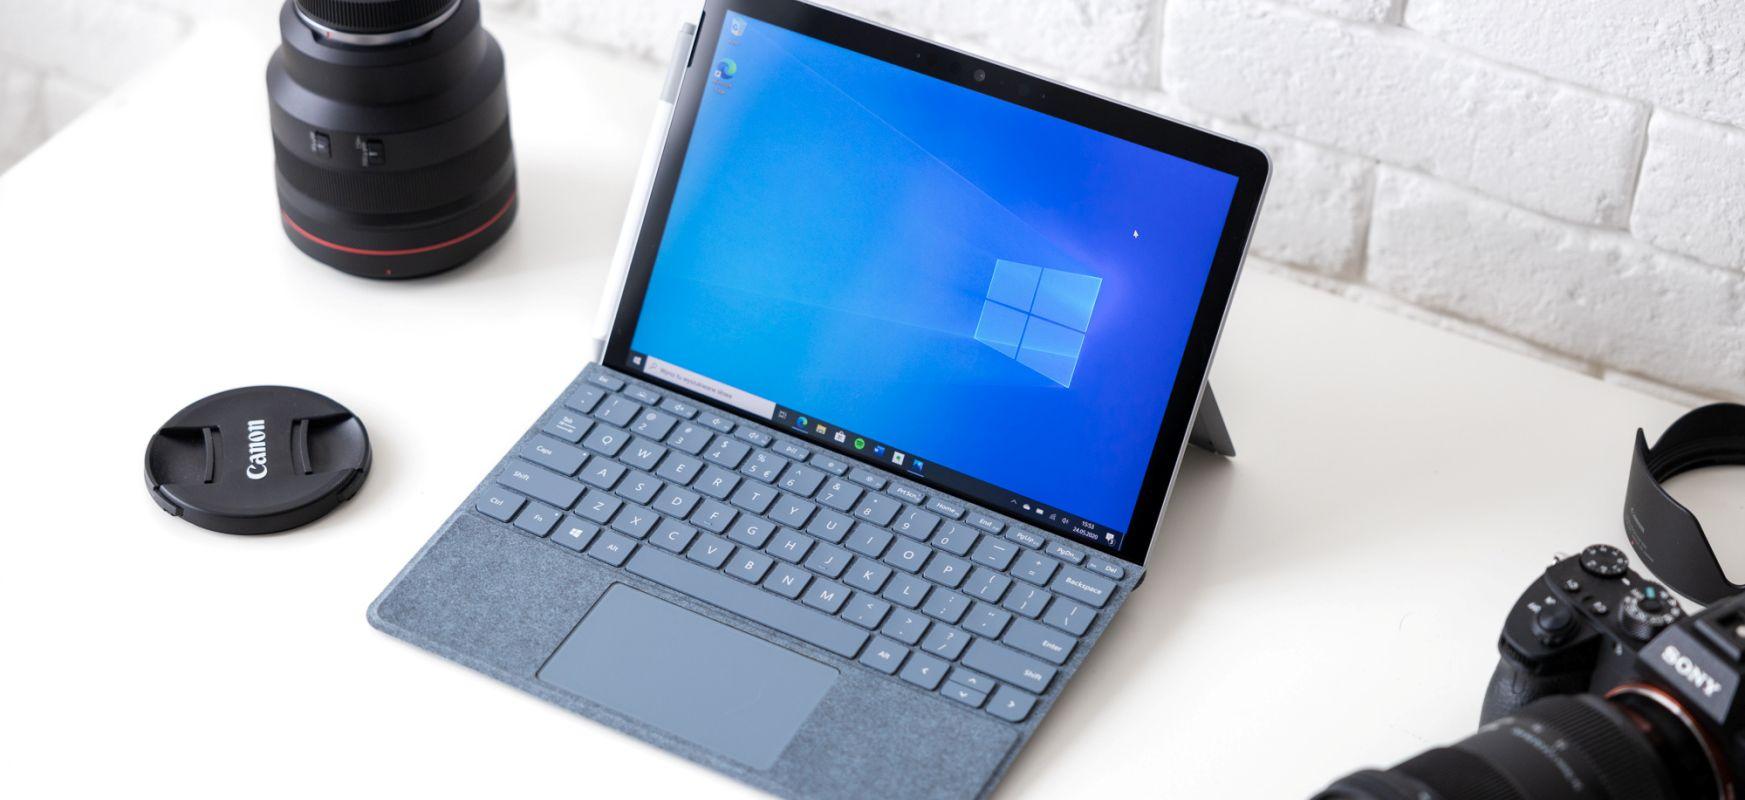 Garbiketa bikaina egiteko garaia.  Sistemak ezagutu Windows 10 Dev, Windows 10 Beta eta Windows 10 oharraren aurrebista